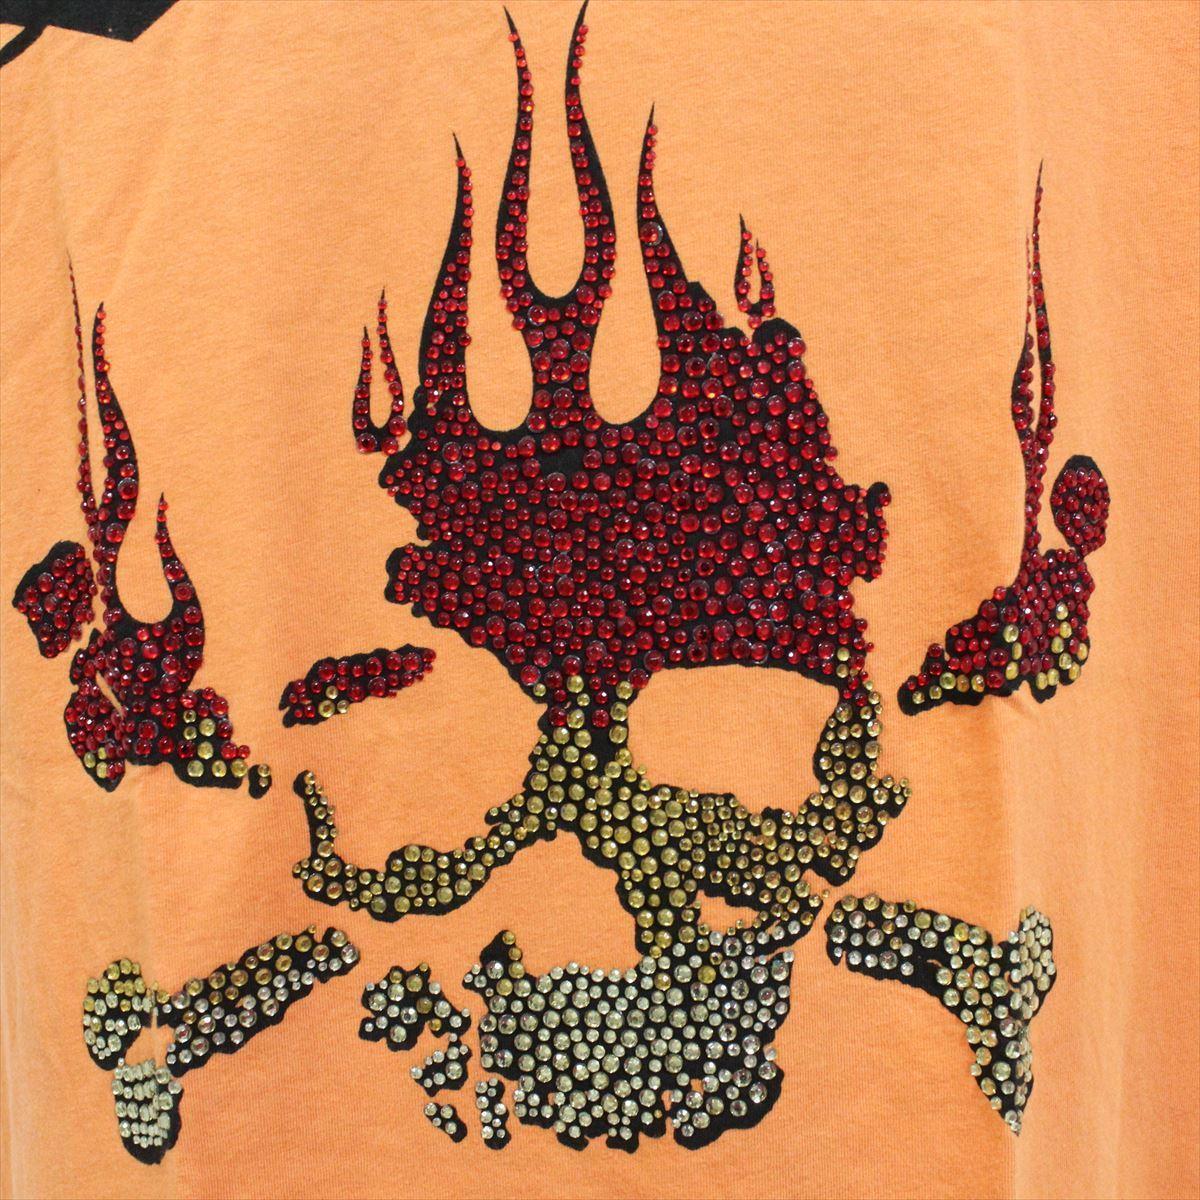 スメット SMET メンズ半袖Tシャツ オレンジ Sサイズ NO12 新品 スカル_画像2